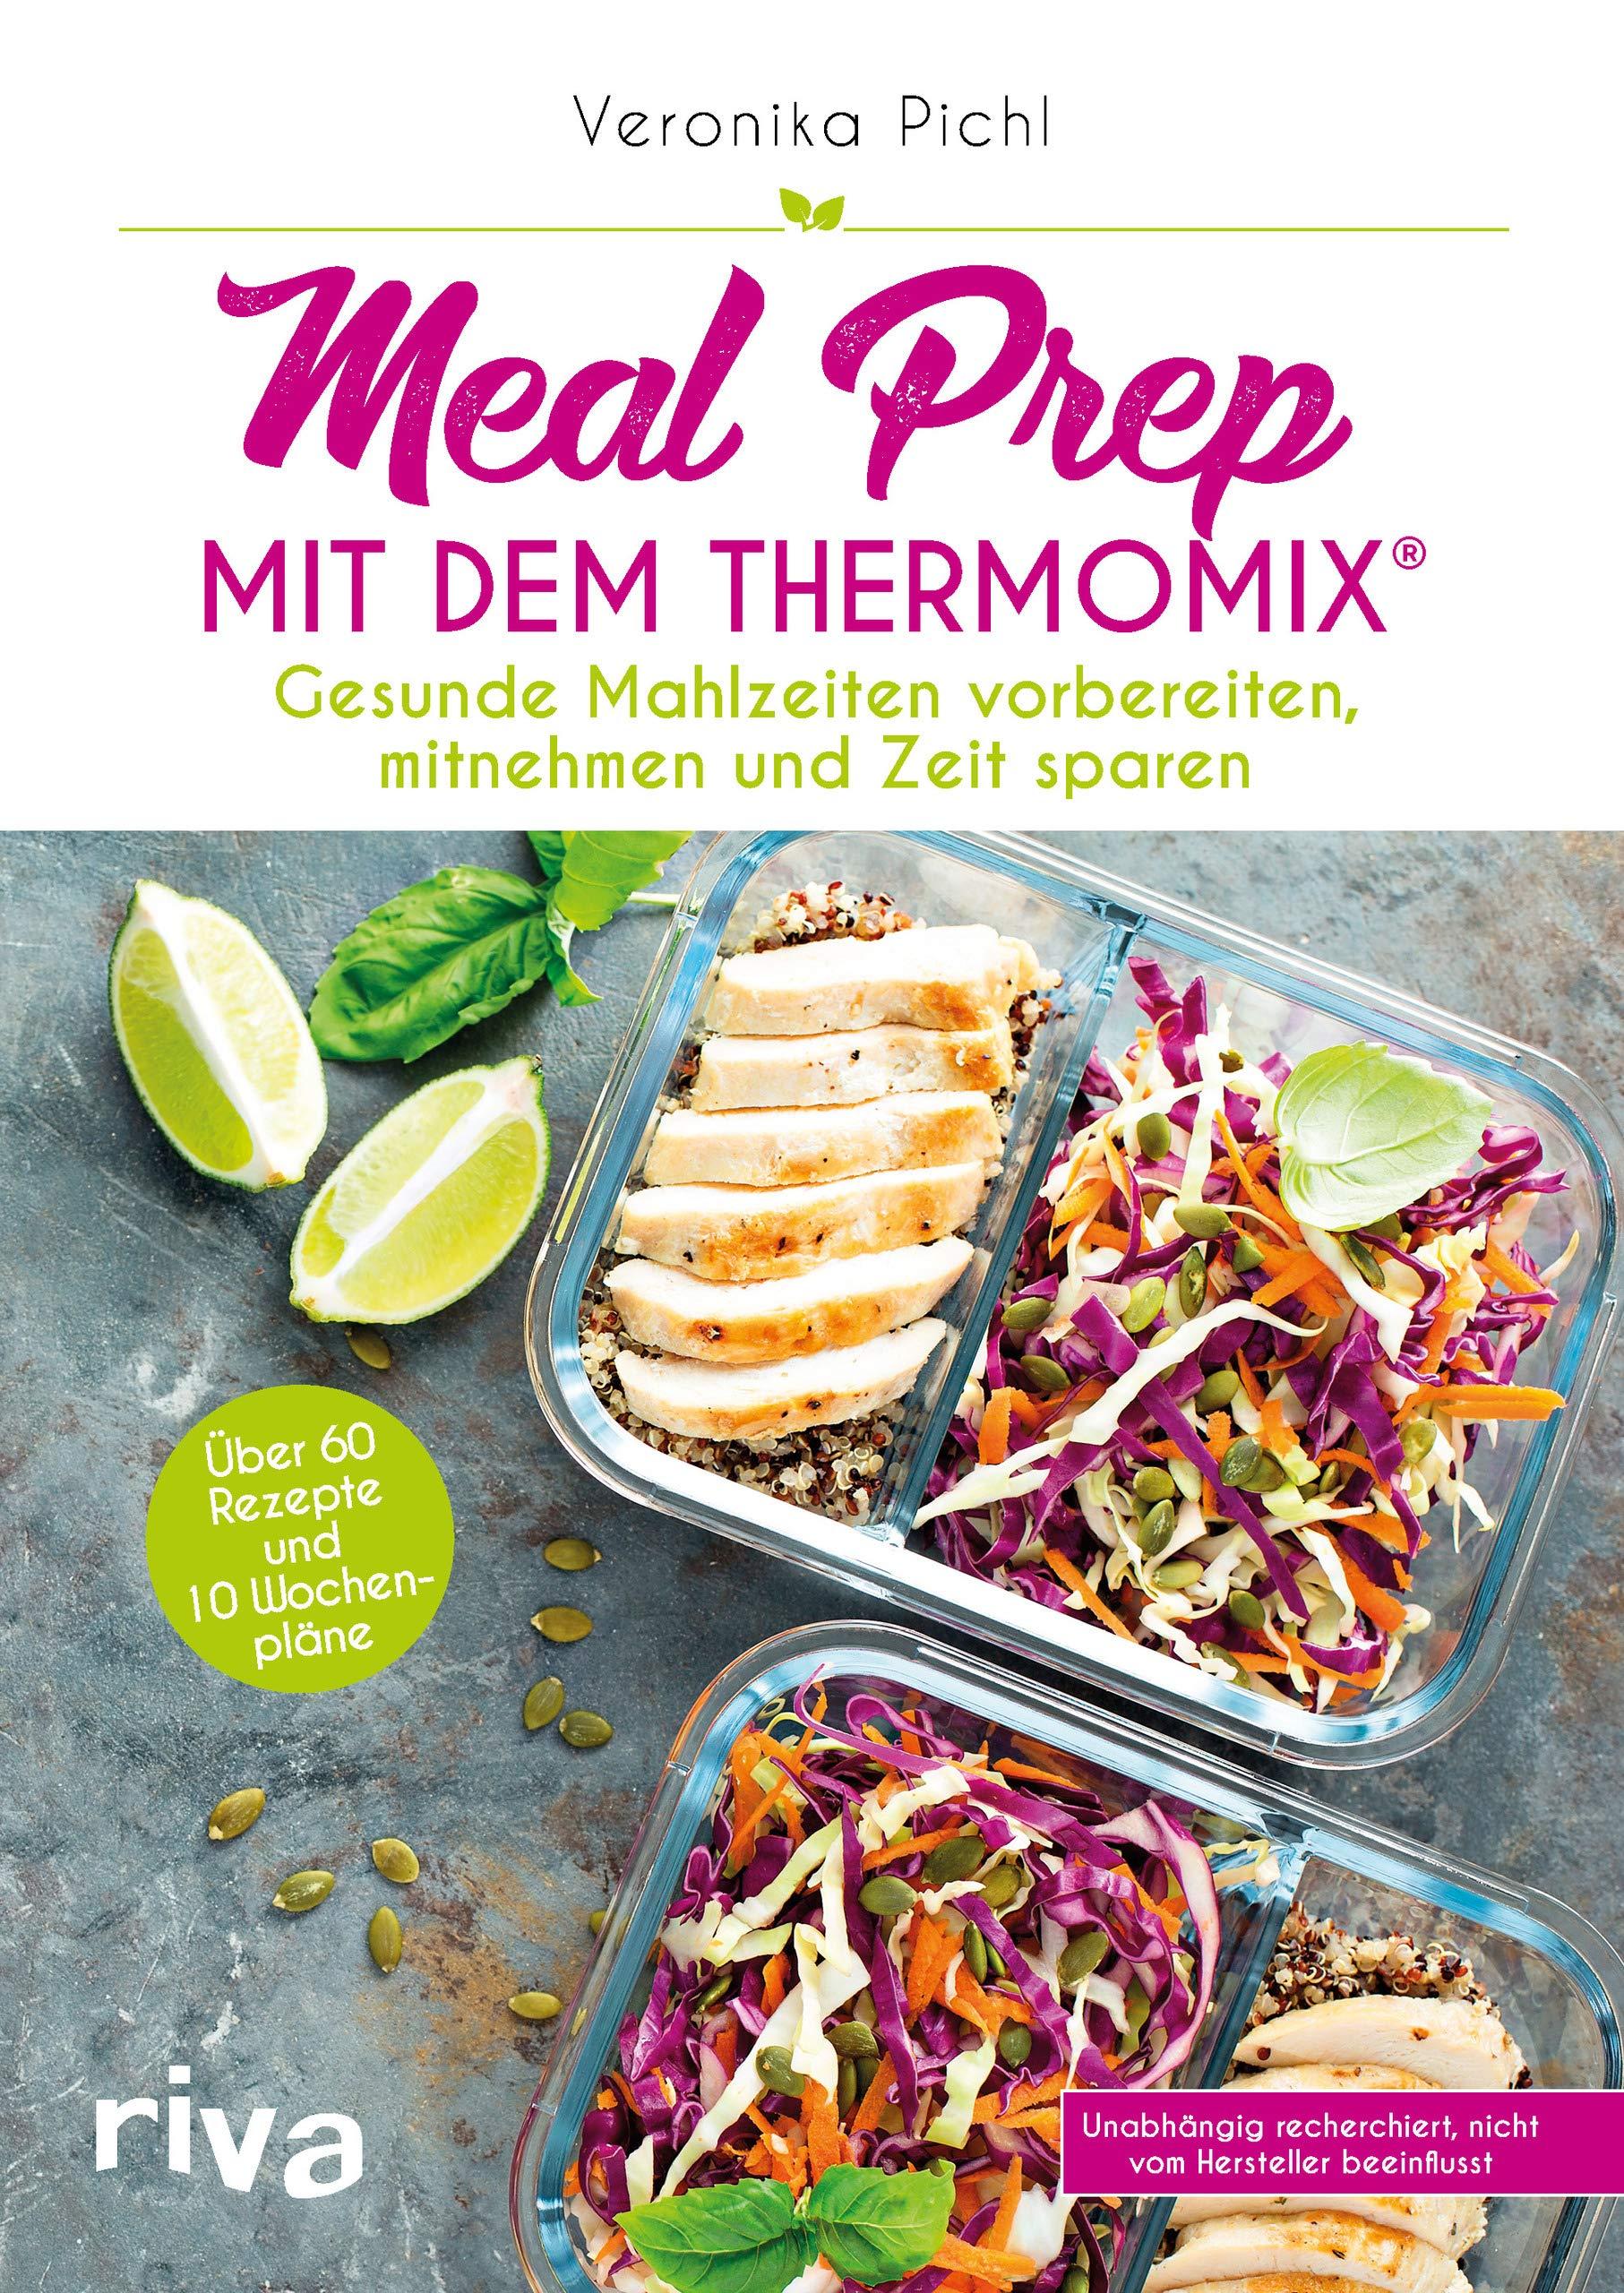 Meal Prep Mit Dem Thermomix Gesunde Mahlzeiten Vorbereiten